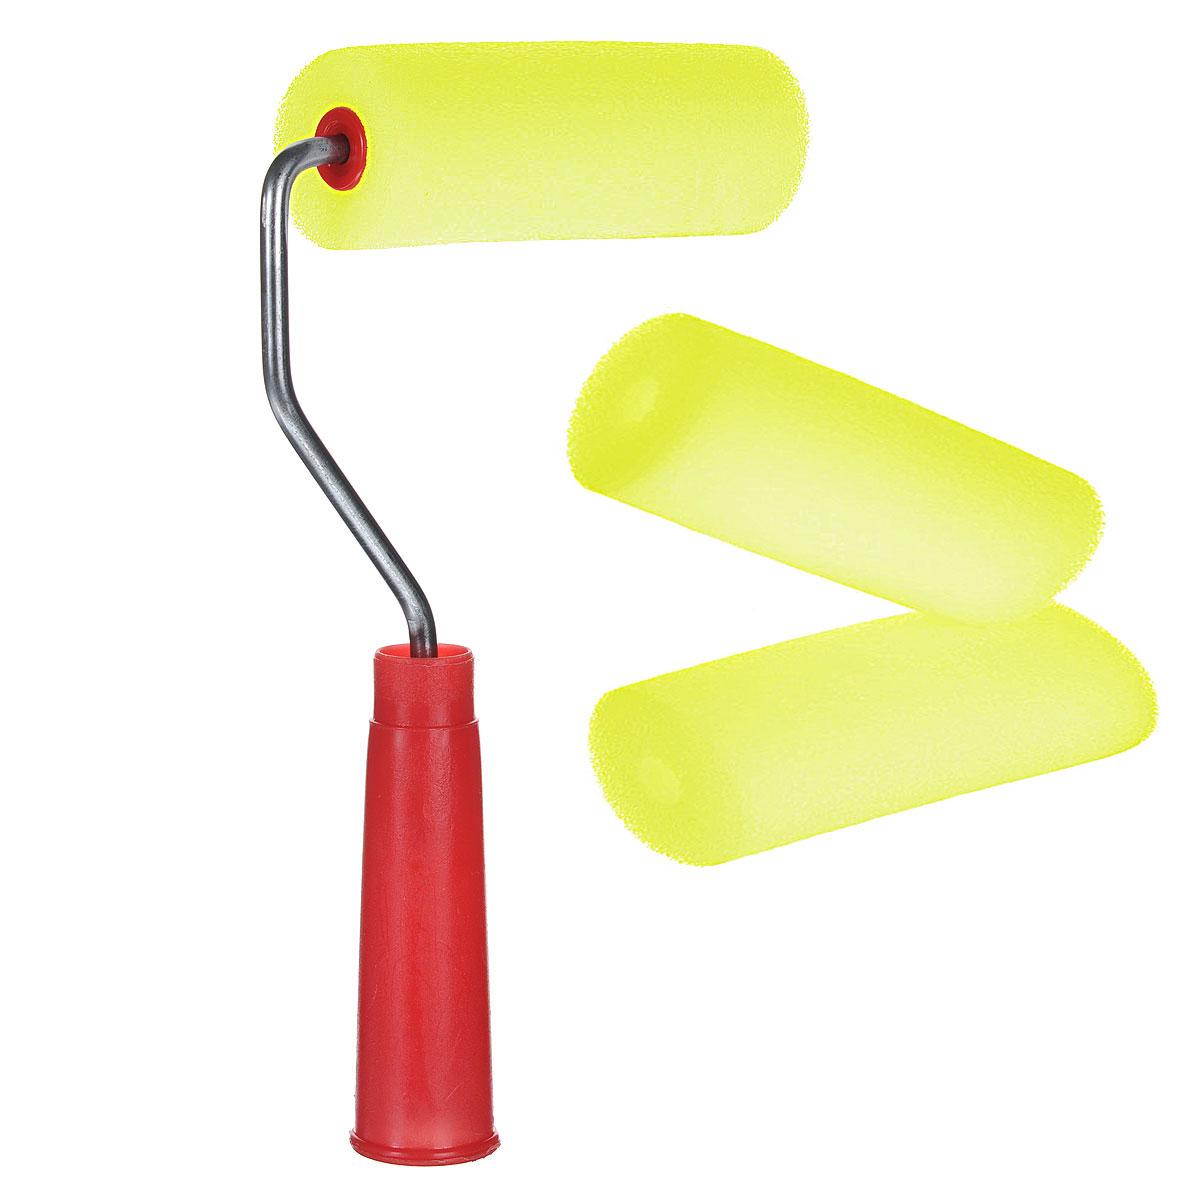 Валик малярный Радуга, 100 мм х 42 мм80445Малярный валик Радуга применяется для работы на гладких поверхностях. Используется с лакокрасочными материалами на водной и алкидной основах и масляными красками. В комплекте 2 запасных ролика. Длина ролика: 10 см. Диаметр ролика: 4,2 см.